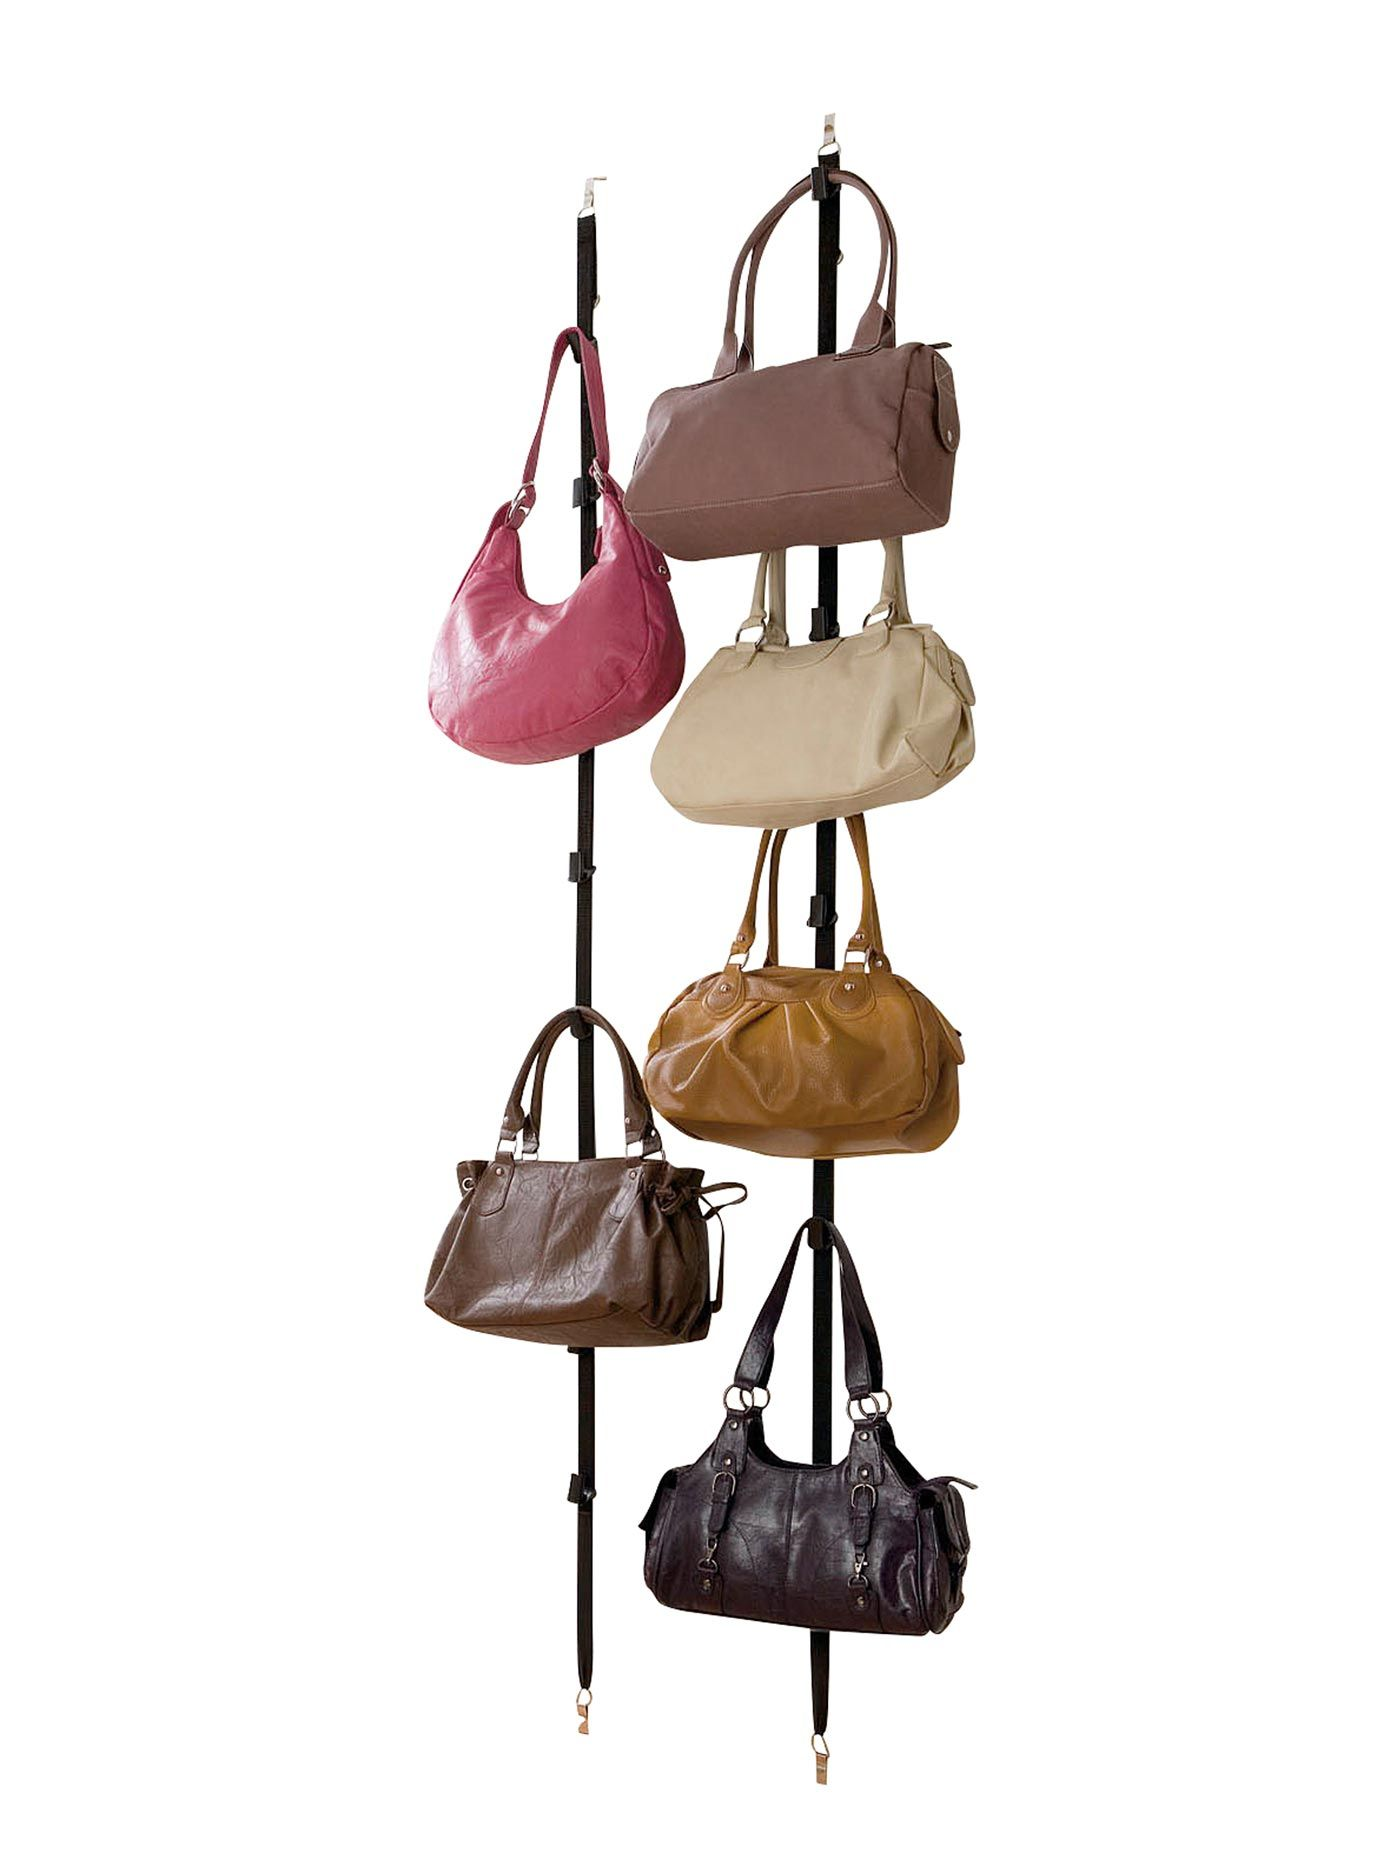 Taschen Garderobe In 14 99 Kaufen Bei Witt Weiden 126 444